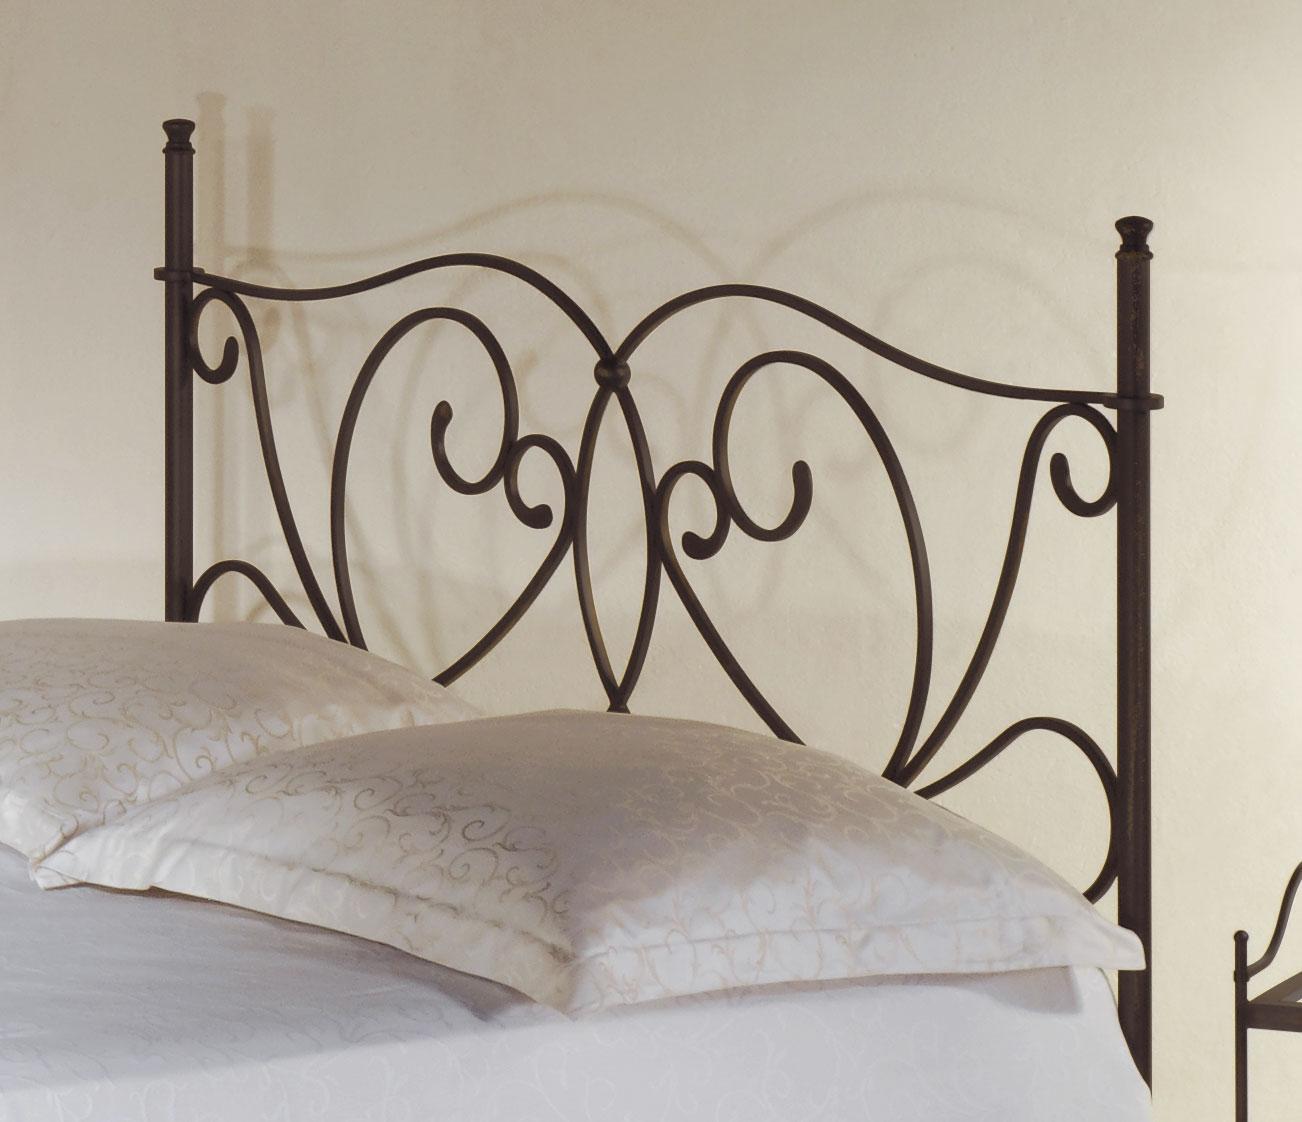 doppelbett metall metall bett doppelbett kinderbett. Black Bedroom Furniture Sets. Home Design Ideas